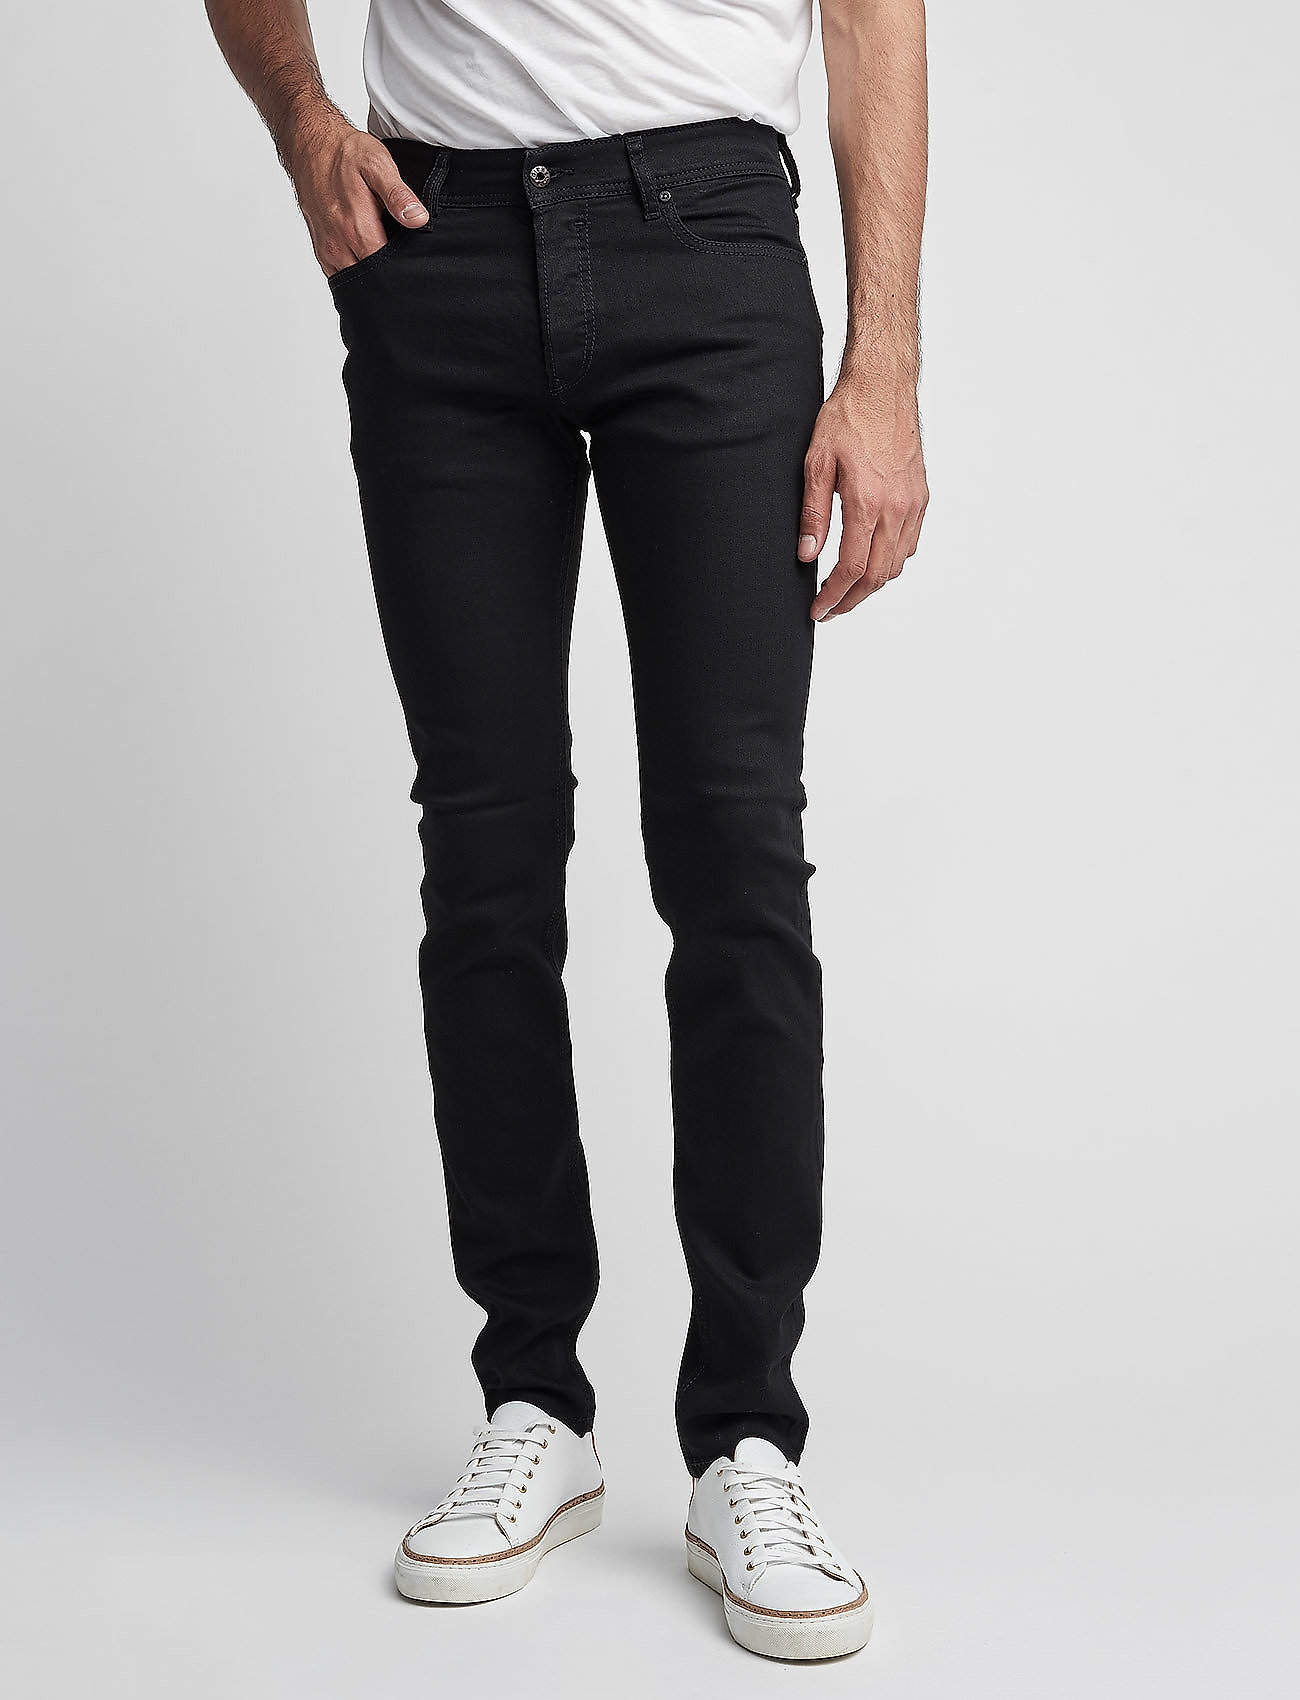 Diesel Men - SLEENKER - slim jeans - grey